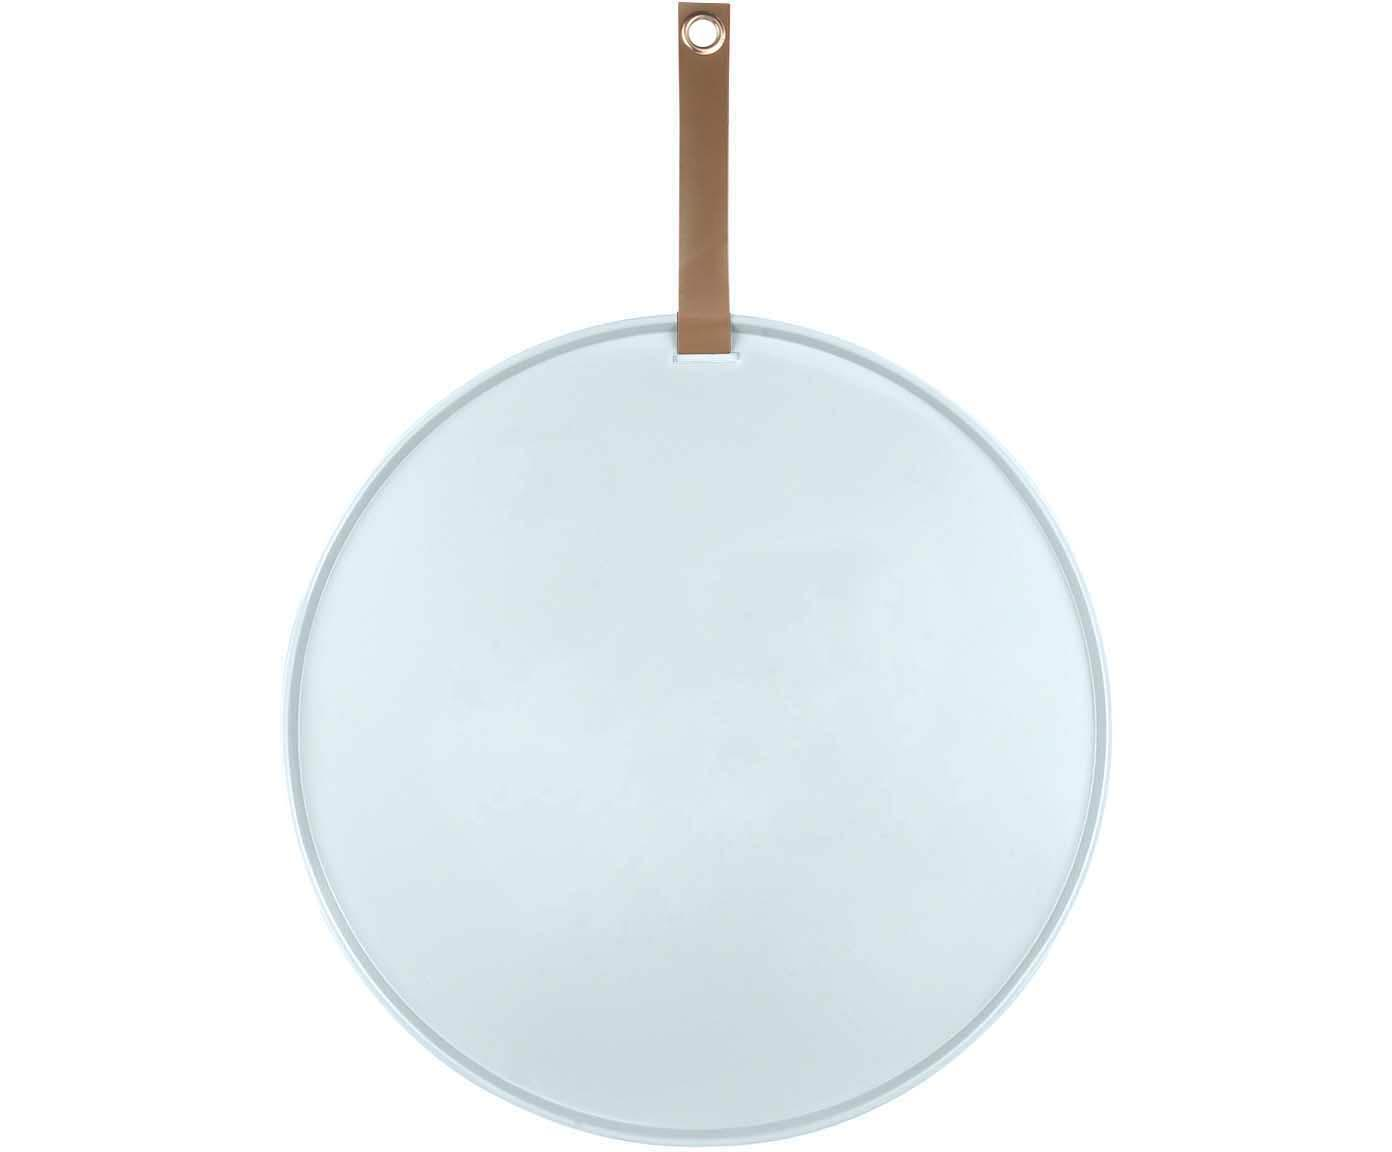 Bacheca Perky, Metallo verniciato, Azzurro, marrone, Ø 50 x Prof. 1 cm